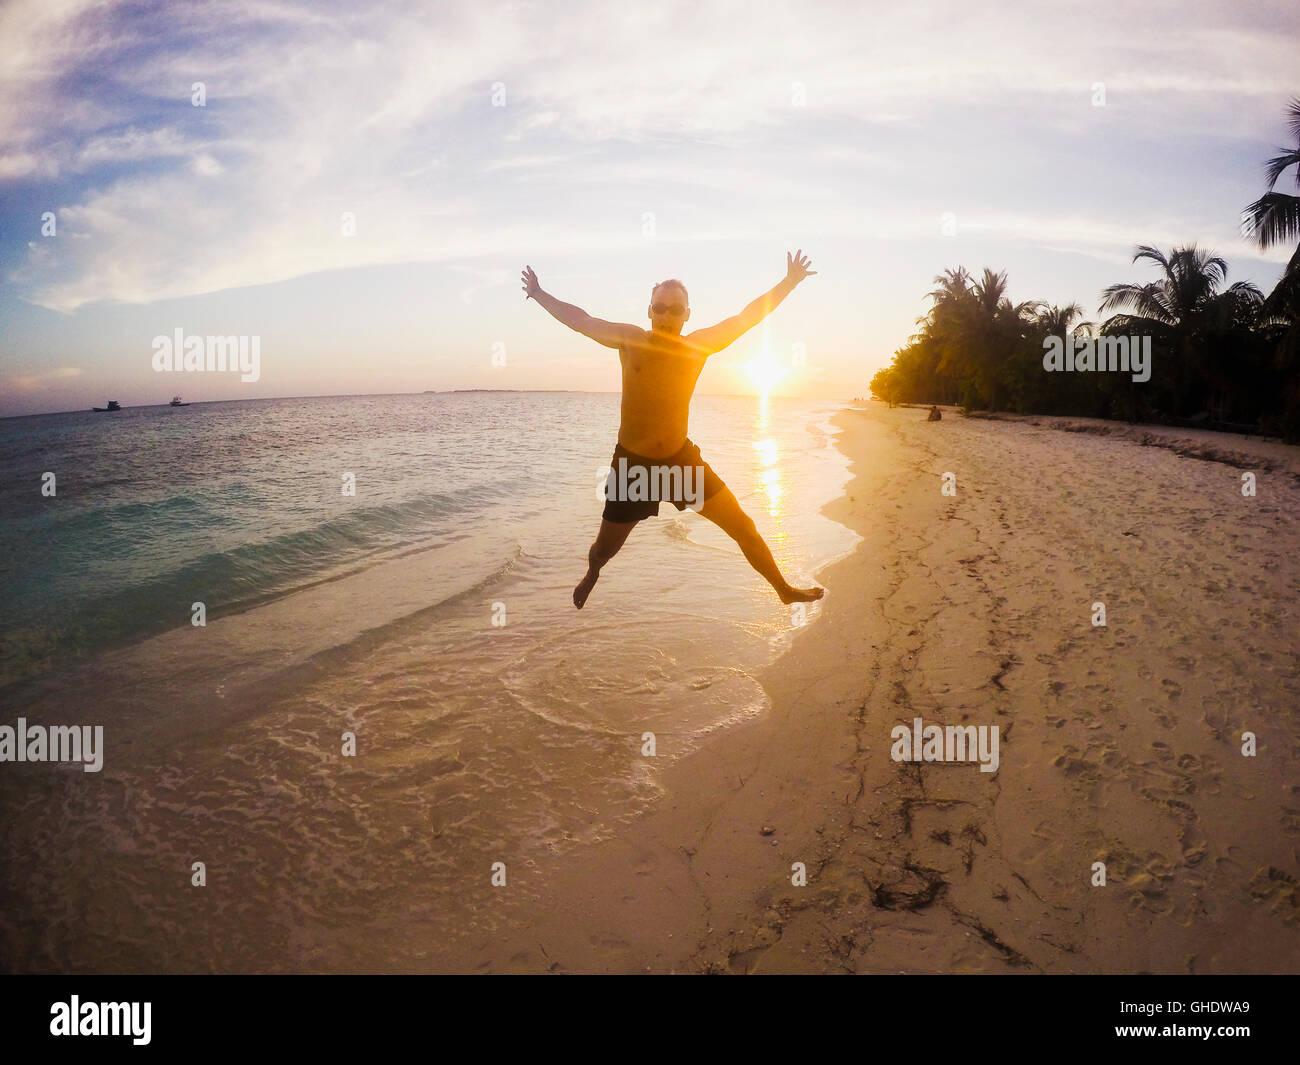 Retrato del hombre exuberante saltando sobre playa tropical al atardecer Foto de stock